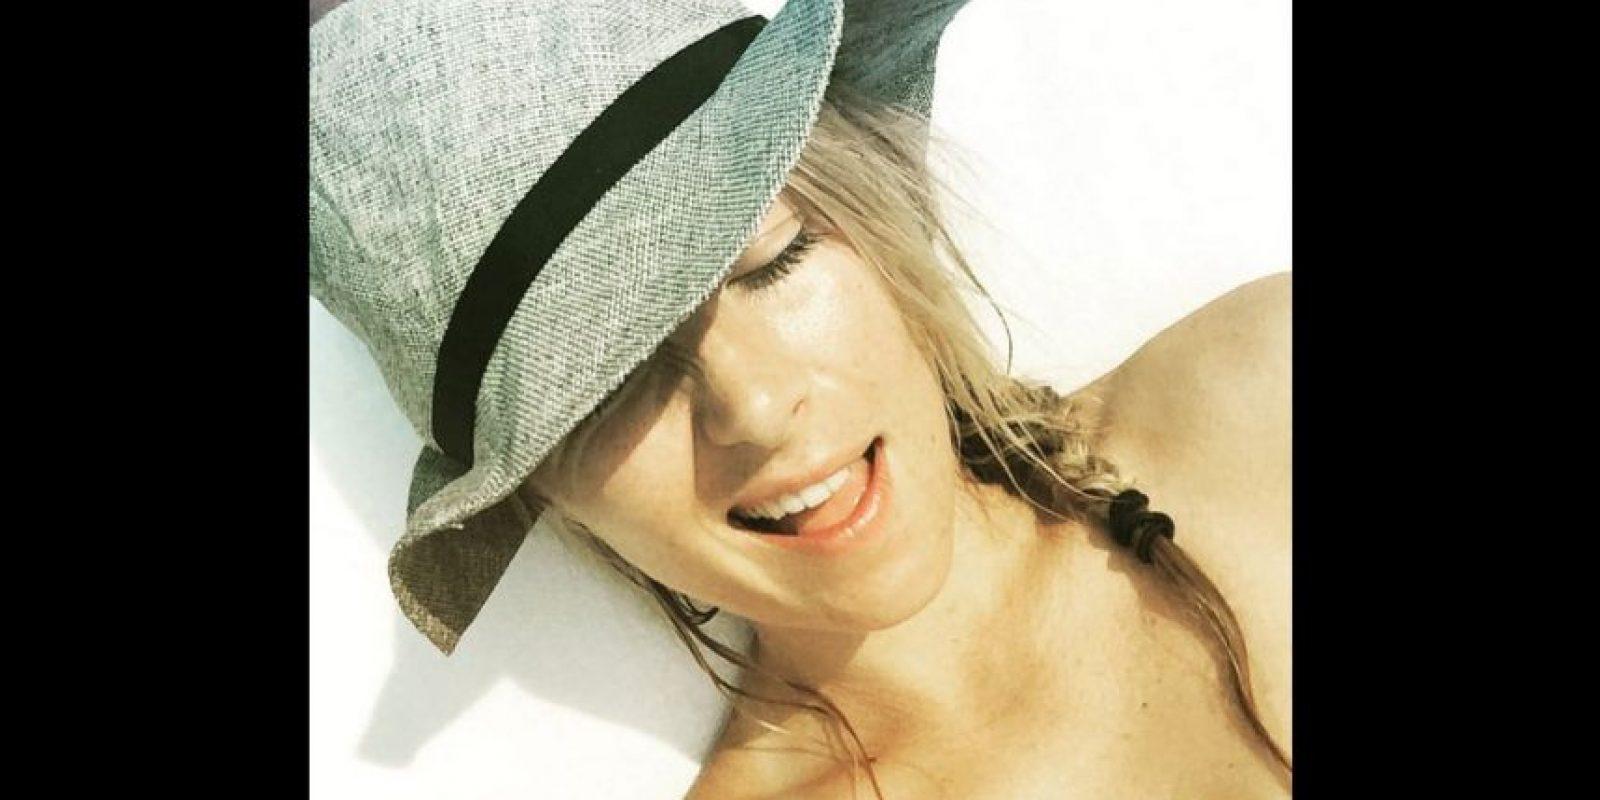 Estas son las mejores fotos de Maria Sharapova en Instagram. Foto:Vía instagram.com/mariasharapova